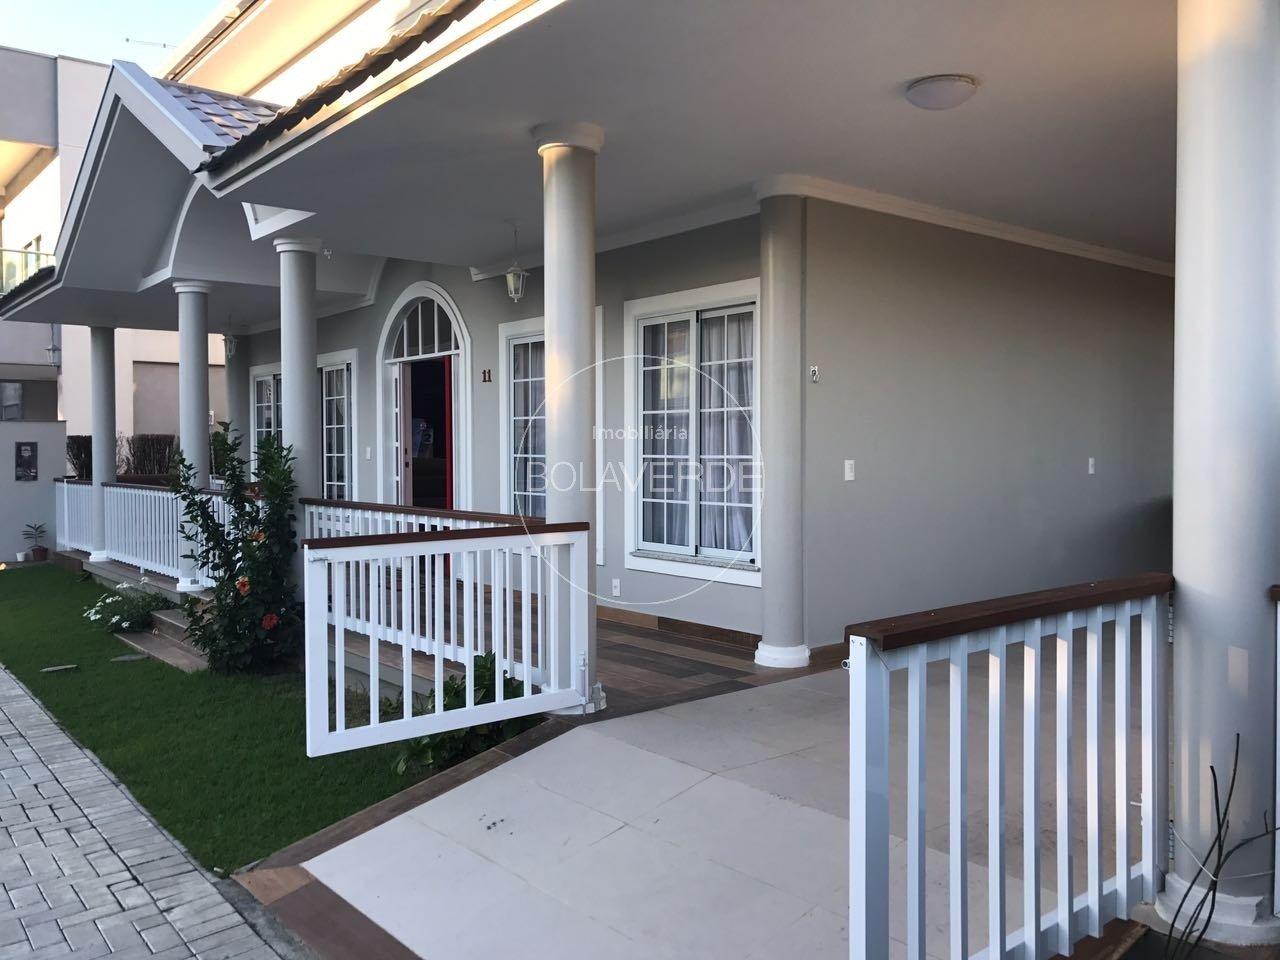 Casa em Condomínio à venda de 3 dormitórios no Barra Condomínio Boulevard da Barra em Balneário Camboriú